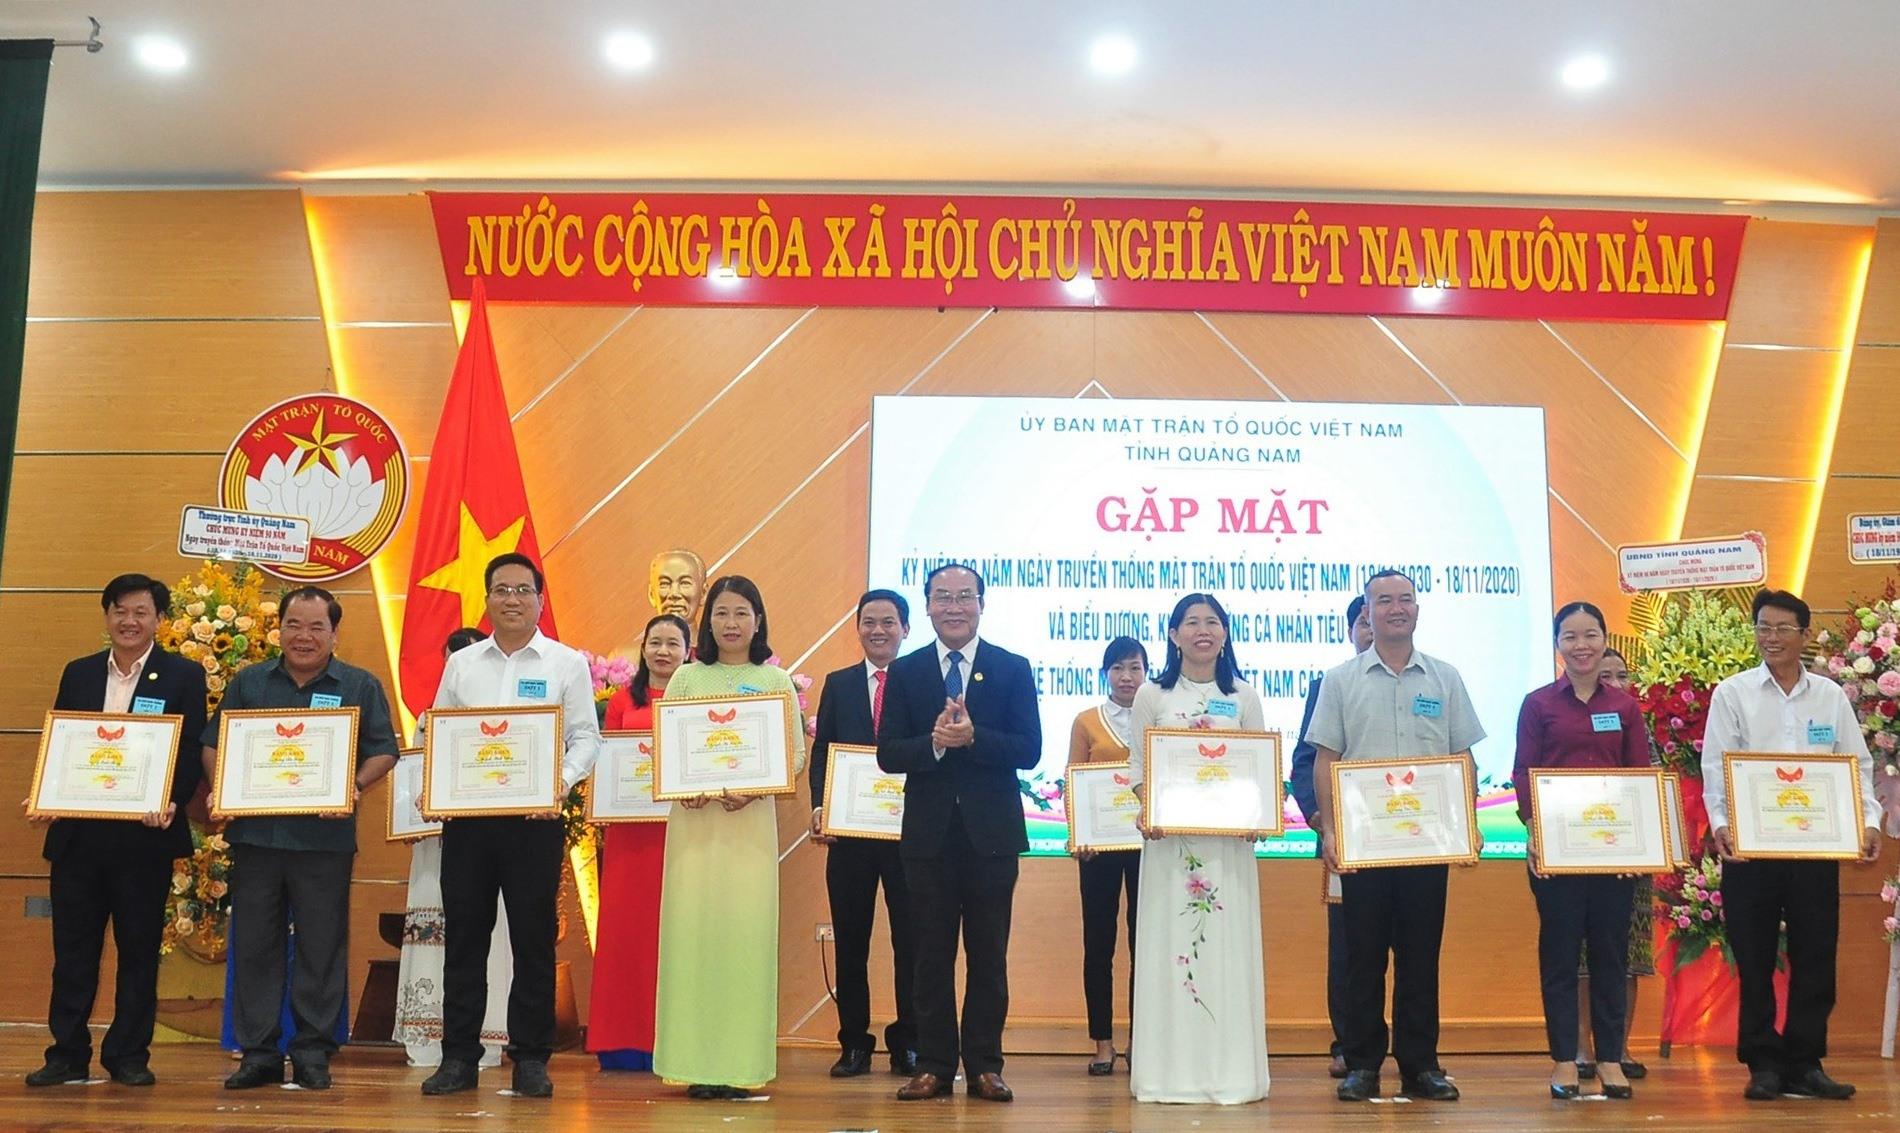 Ủy ban MTTQ Việt Nam biểu dương các cá nhân tiêu biểu có thành tích xuất sắc trong công tác Mặt trận giai đoạn 2015 - 2020. Ảnh: VINH ANH